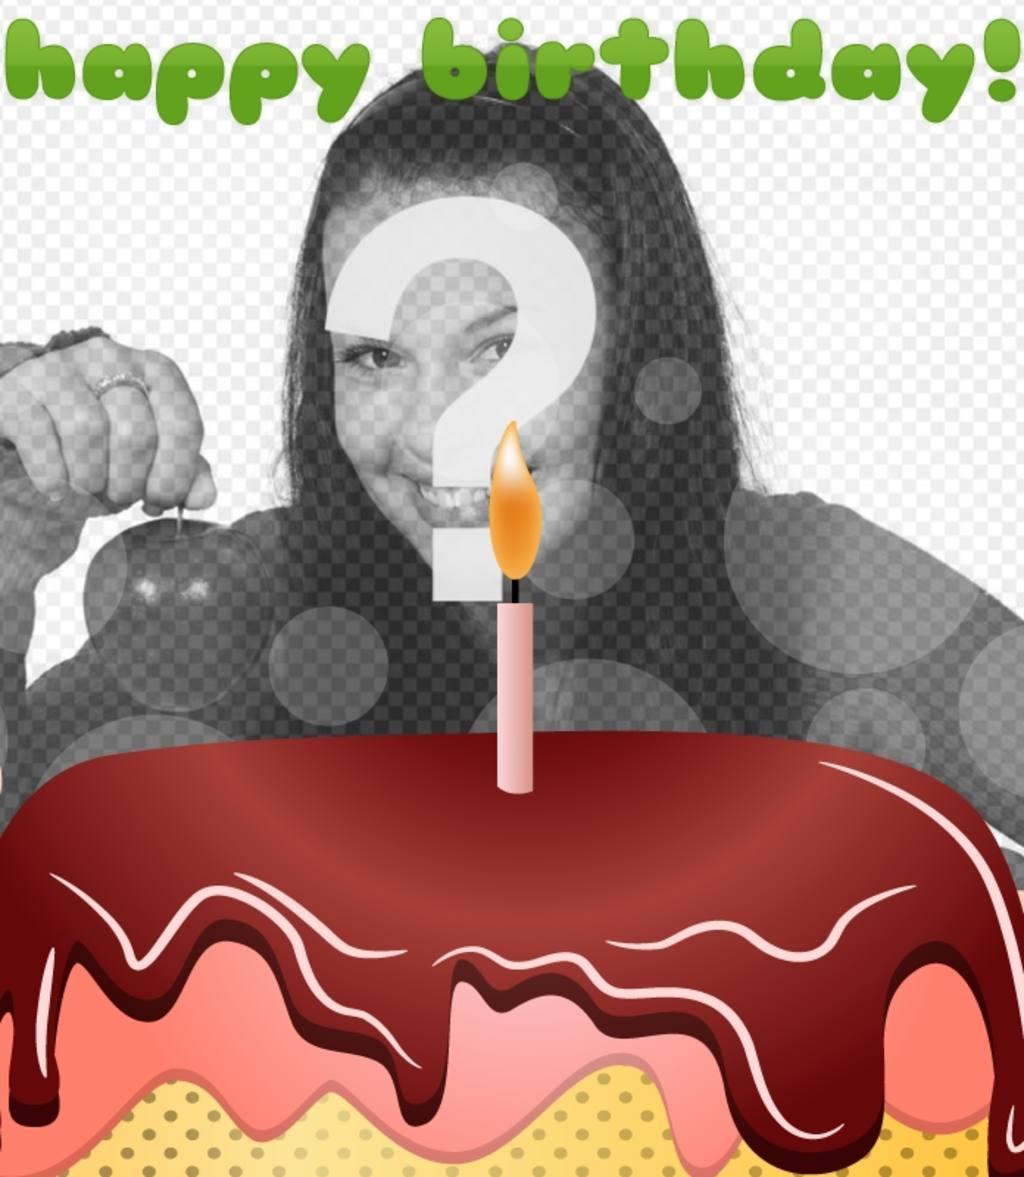 Carte postale danniversaire avec un gâteau et joyeux anniversaire en vert